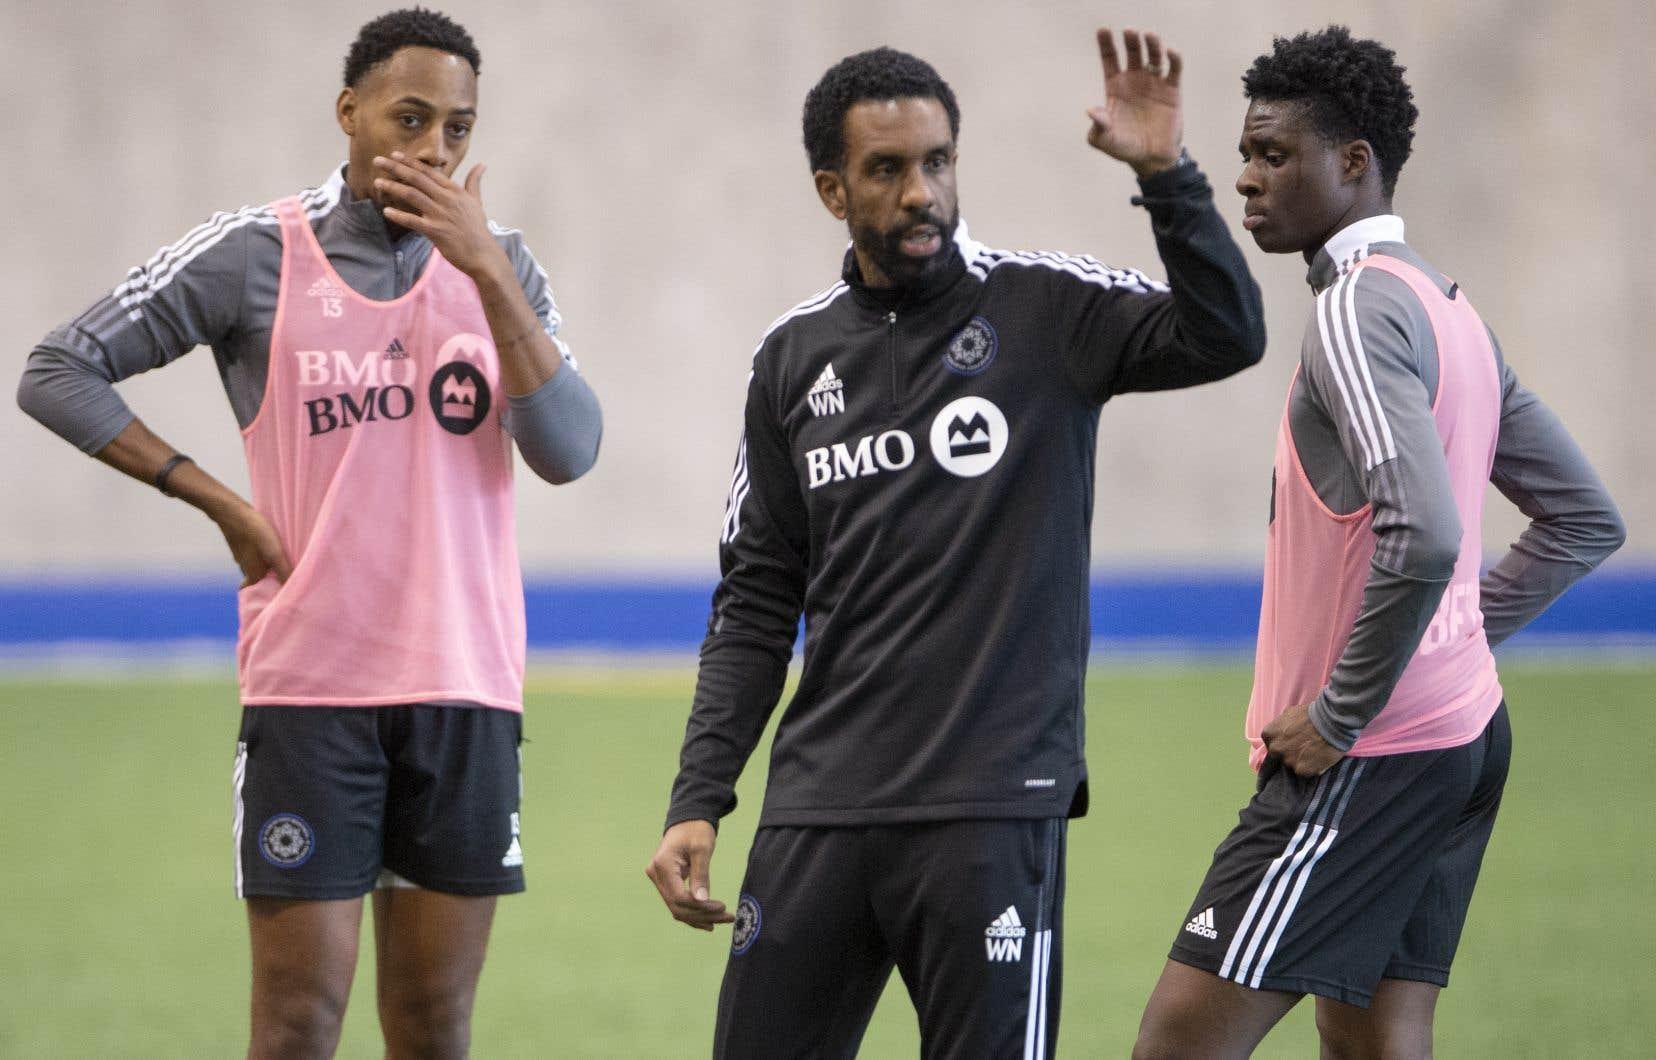 L'entraîneur-chef du CF Montréal, Wilfried Nancy, n'a pas caché qu'il avait été fier du comportement de ses joueurs samedi dernier contre la formation torontoise.